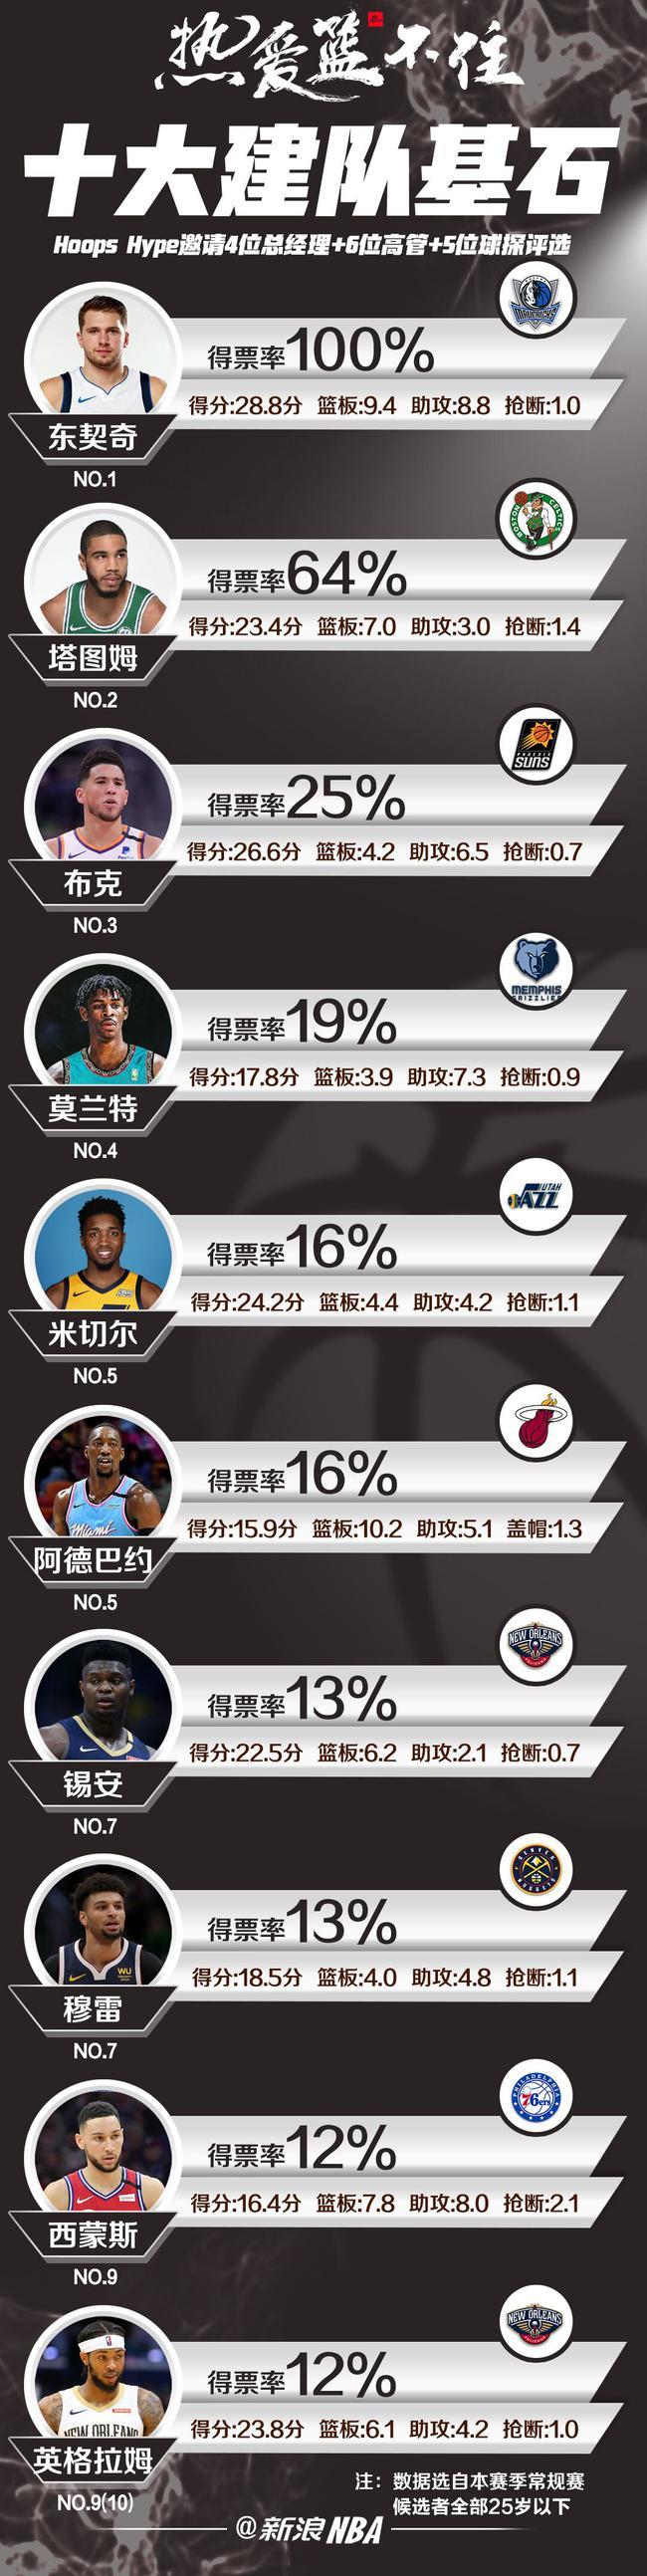 美媒邀15位NBA高管票选建队基石 东契奇获全票